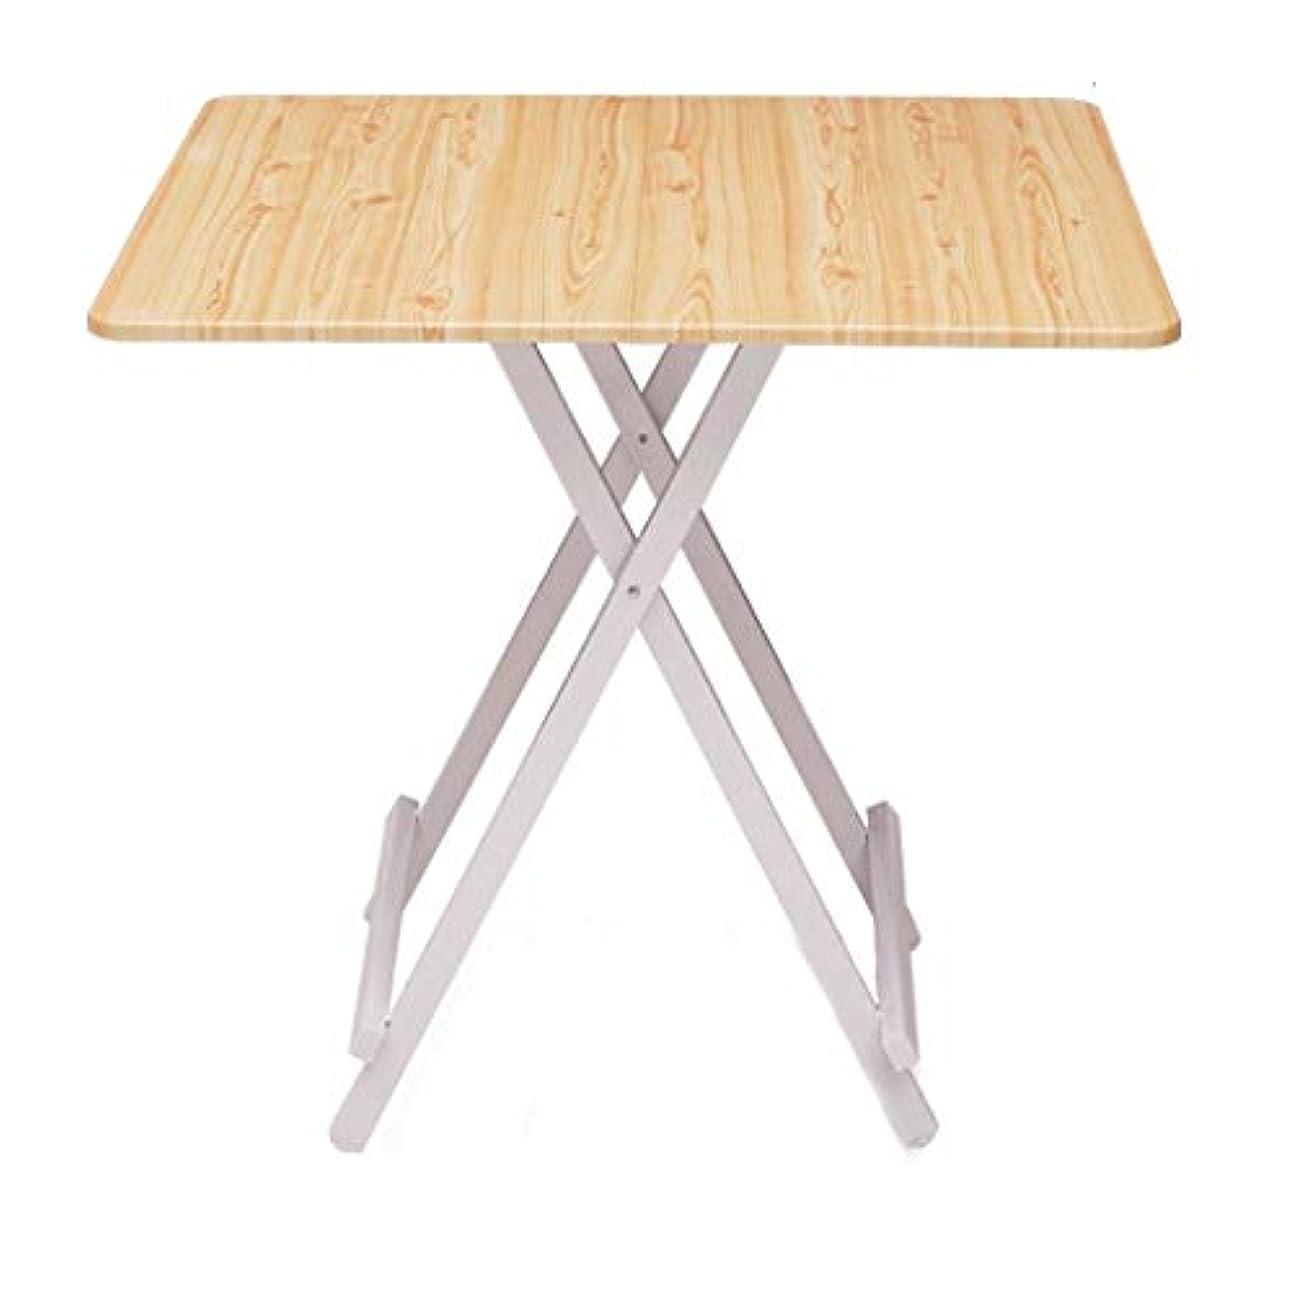 学校教育劣る遵守するNJ 折りたたみ式テーブル- 家庭用木製木製カラースクエア折りたたみテーブル、屋外ポータブル折り畳みダイニングテーブル (色 : 木の色, サイズ さいず : 70x70x74cm)